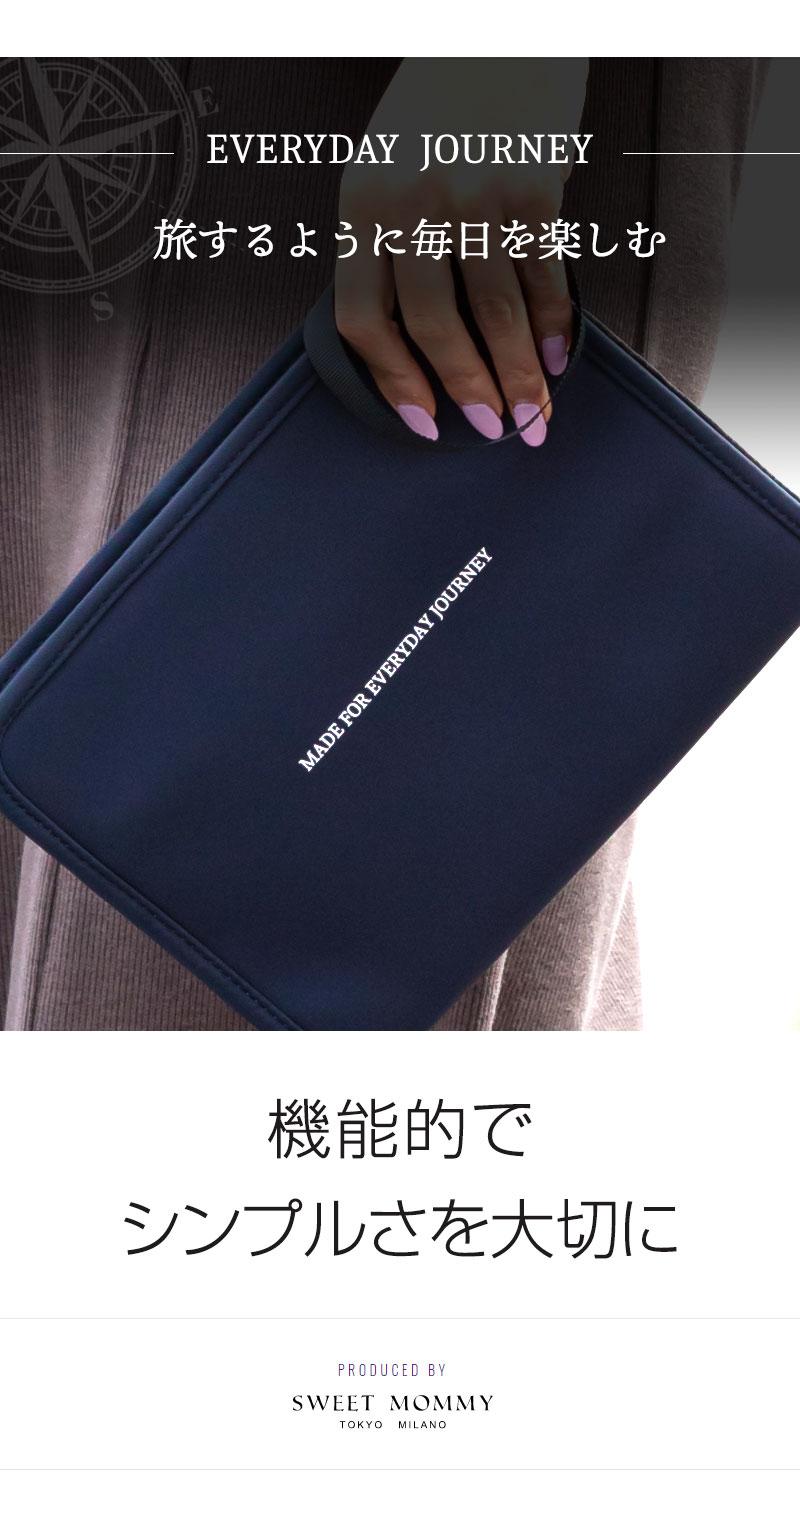 母子手帳 ケース EVERYDAY JOURNEY ブランドイメージ